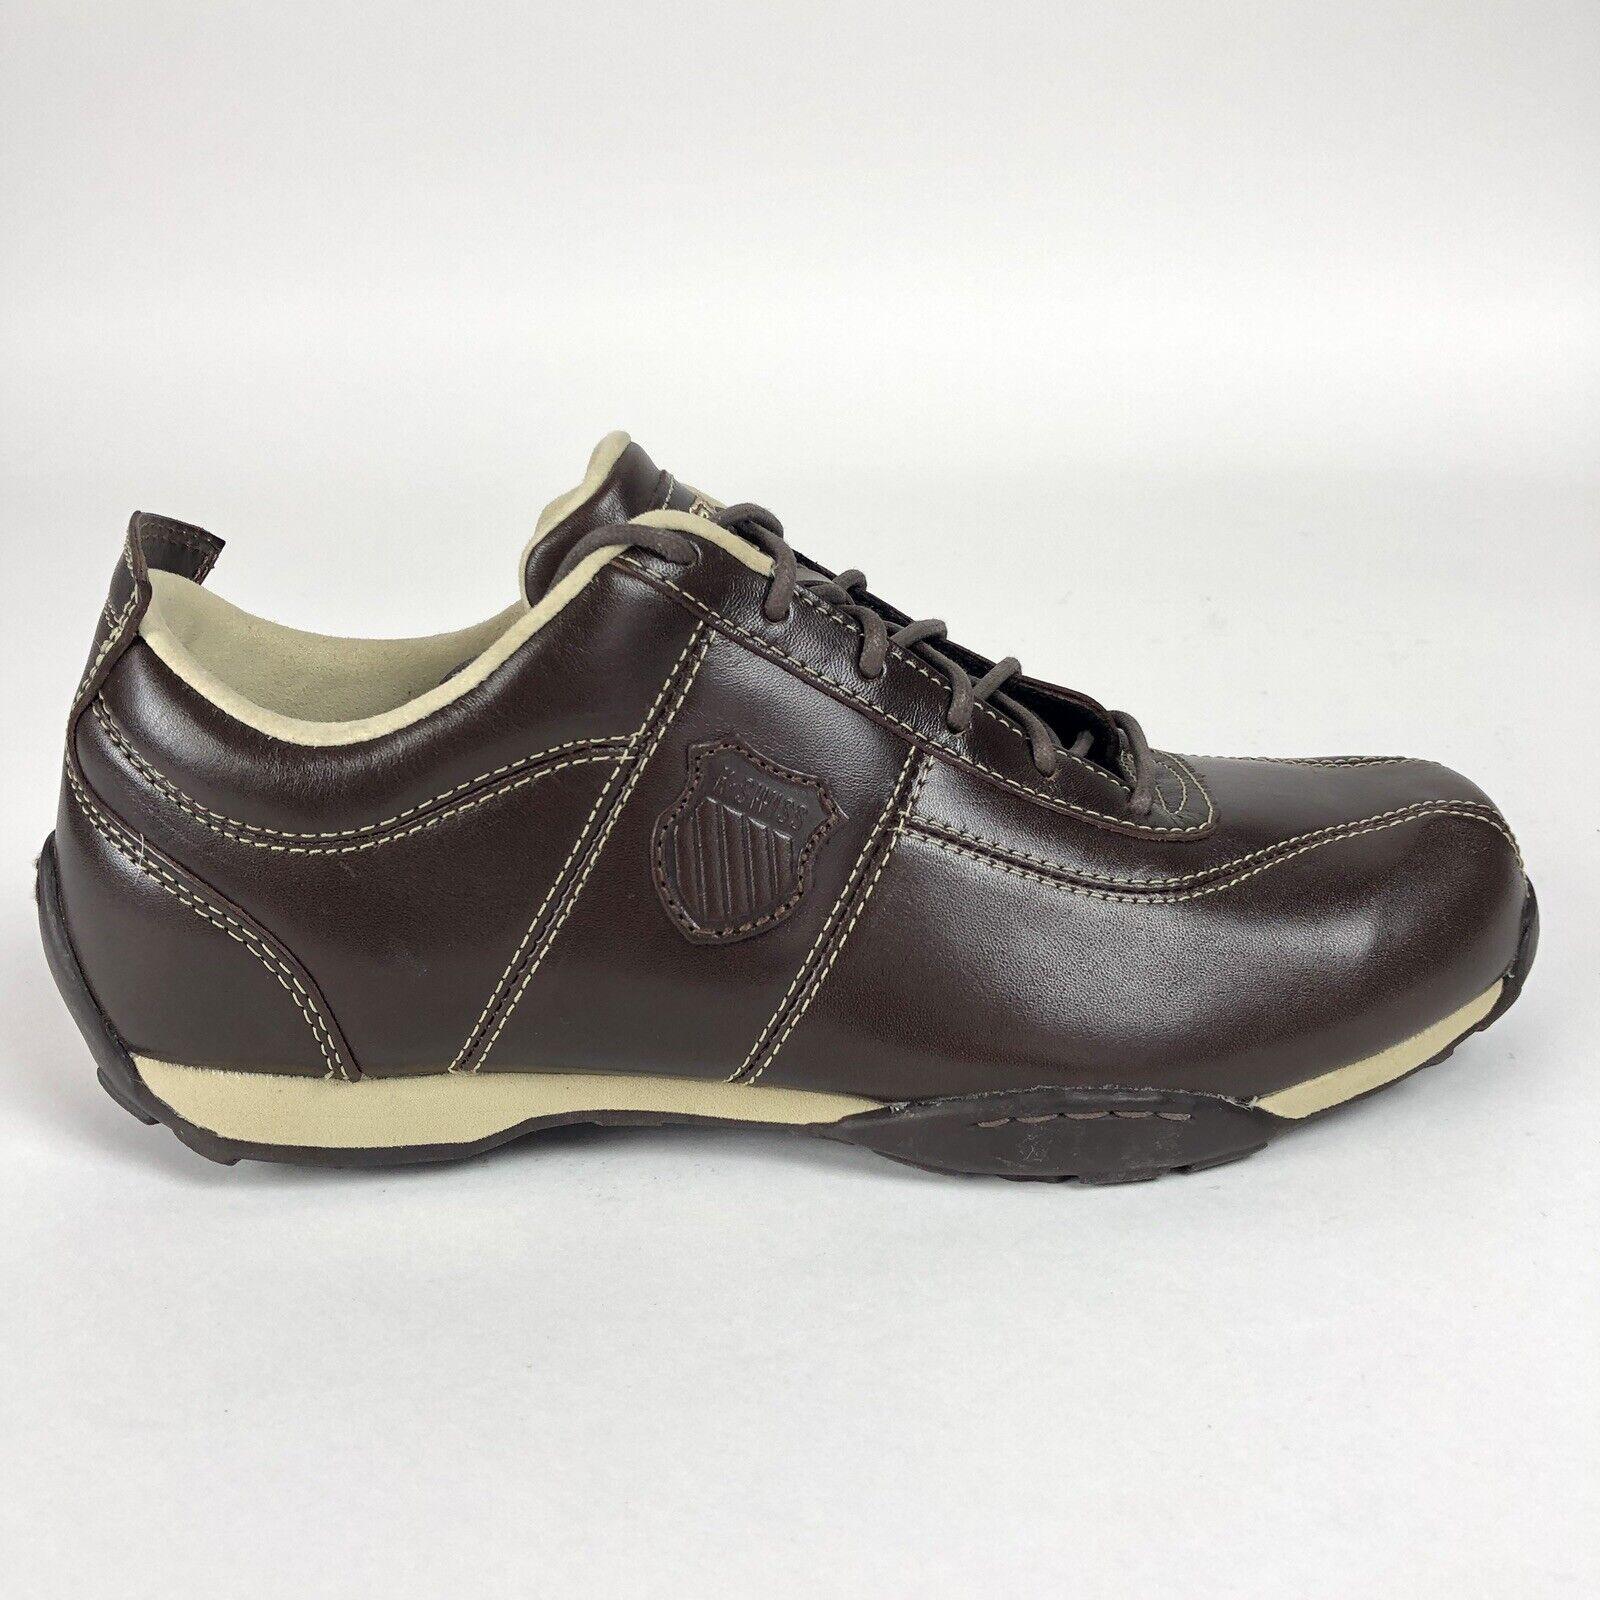 K Swiss Homme 8.5 Borel Chaussures Marron Beige Low Top Baskets Rétro 01253296